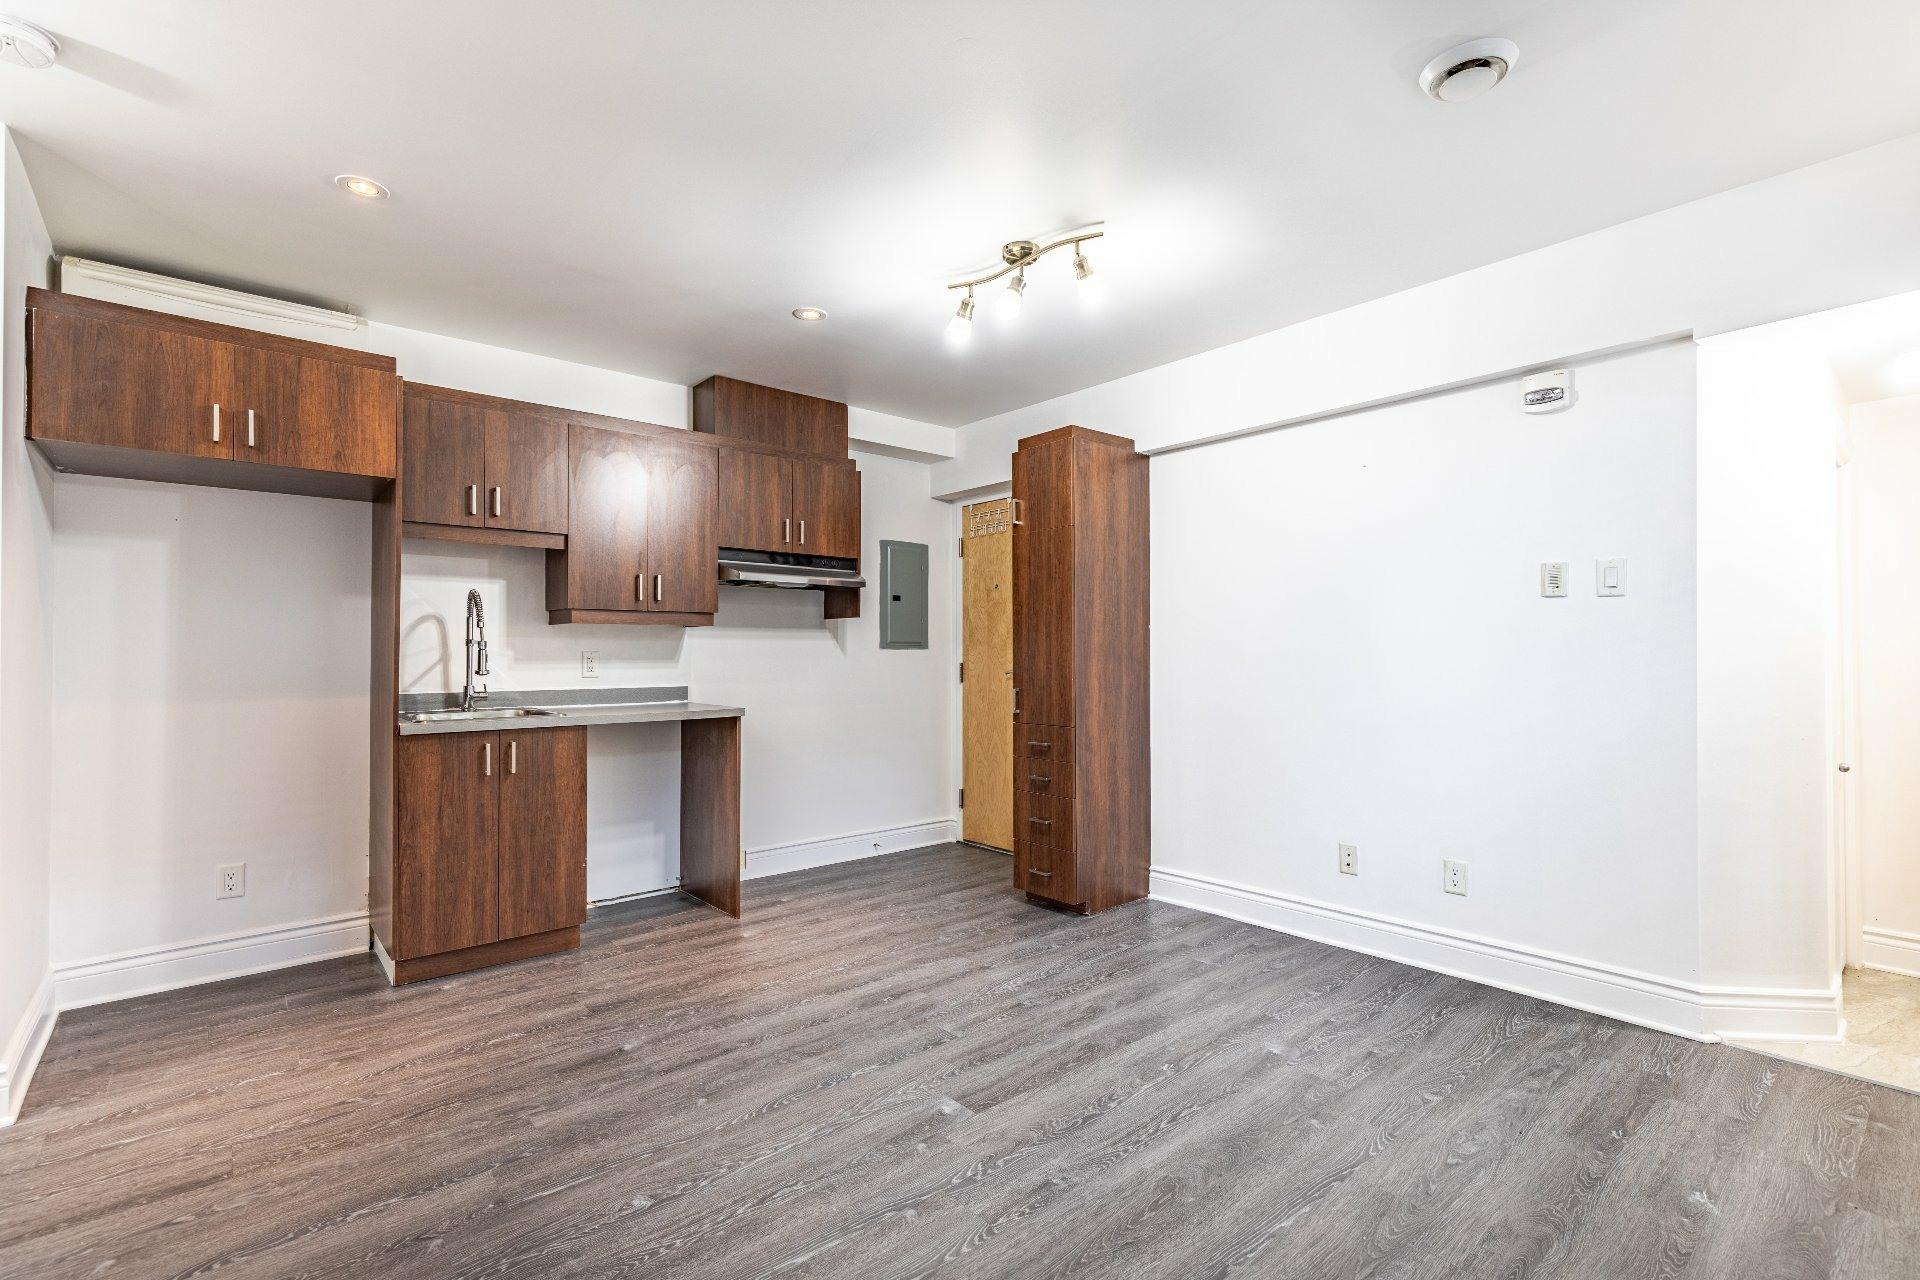 image 2 - Appartement À vendre Lachine Montréal  - 3 pièces